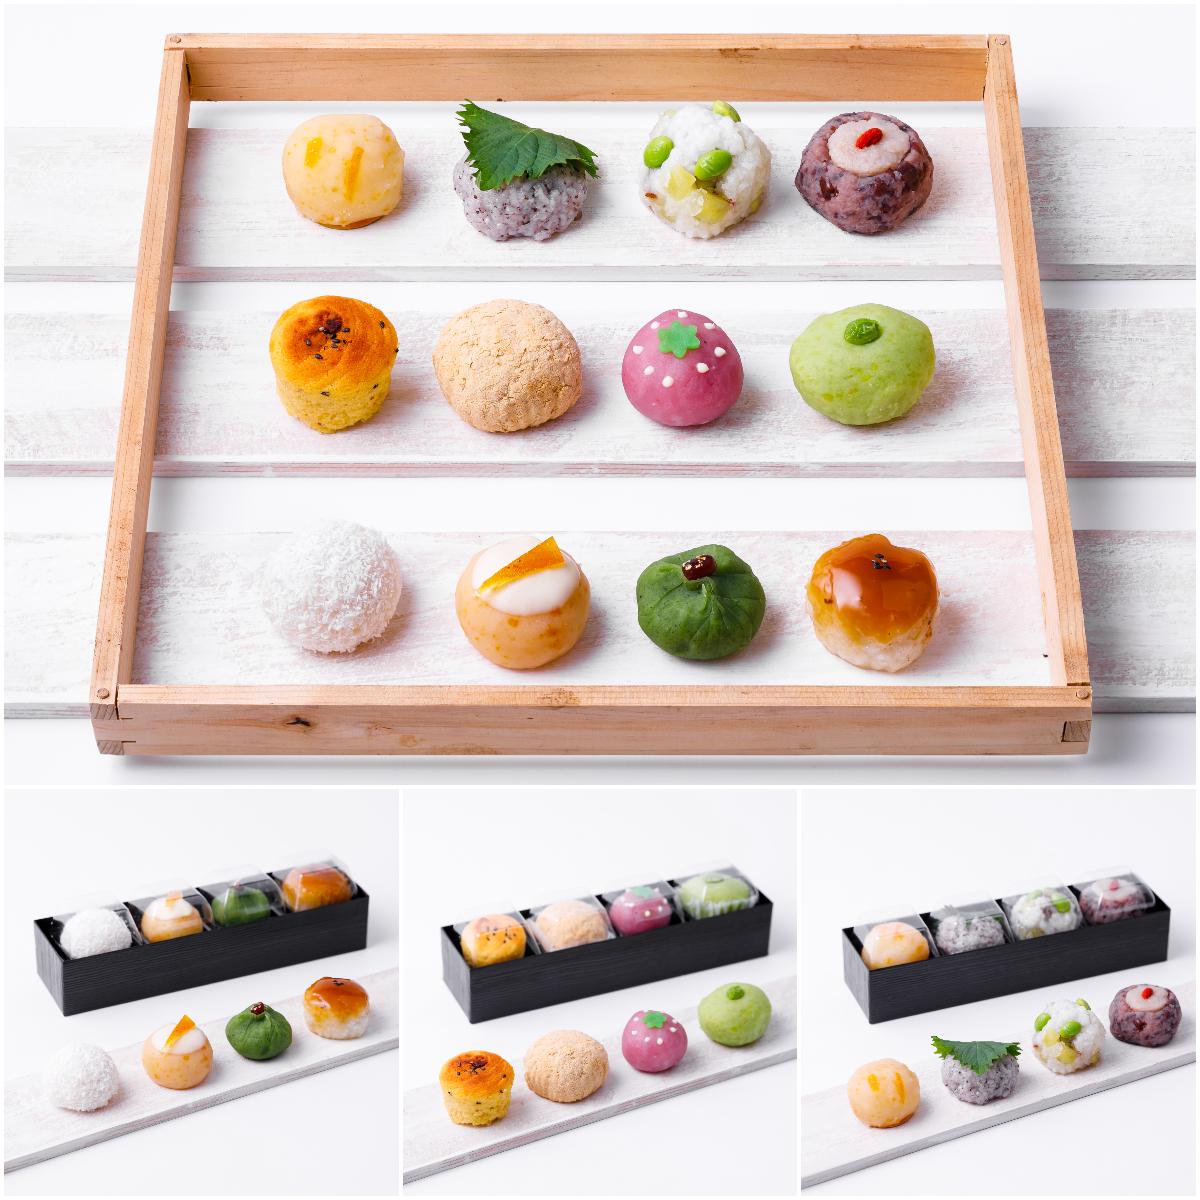 『農菓プロジェクト』の県産農産物を使用した夏のおはぎ「加賀・能登・金澤 夜舟」予約受付中。